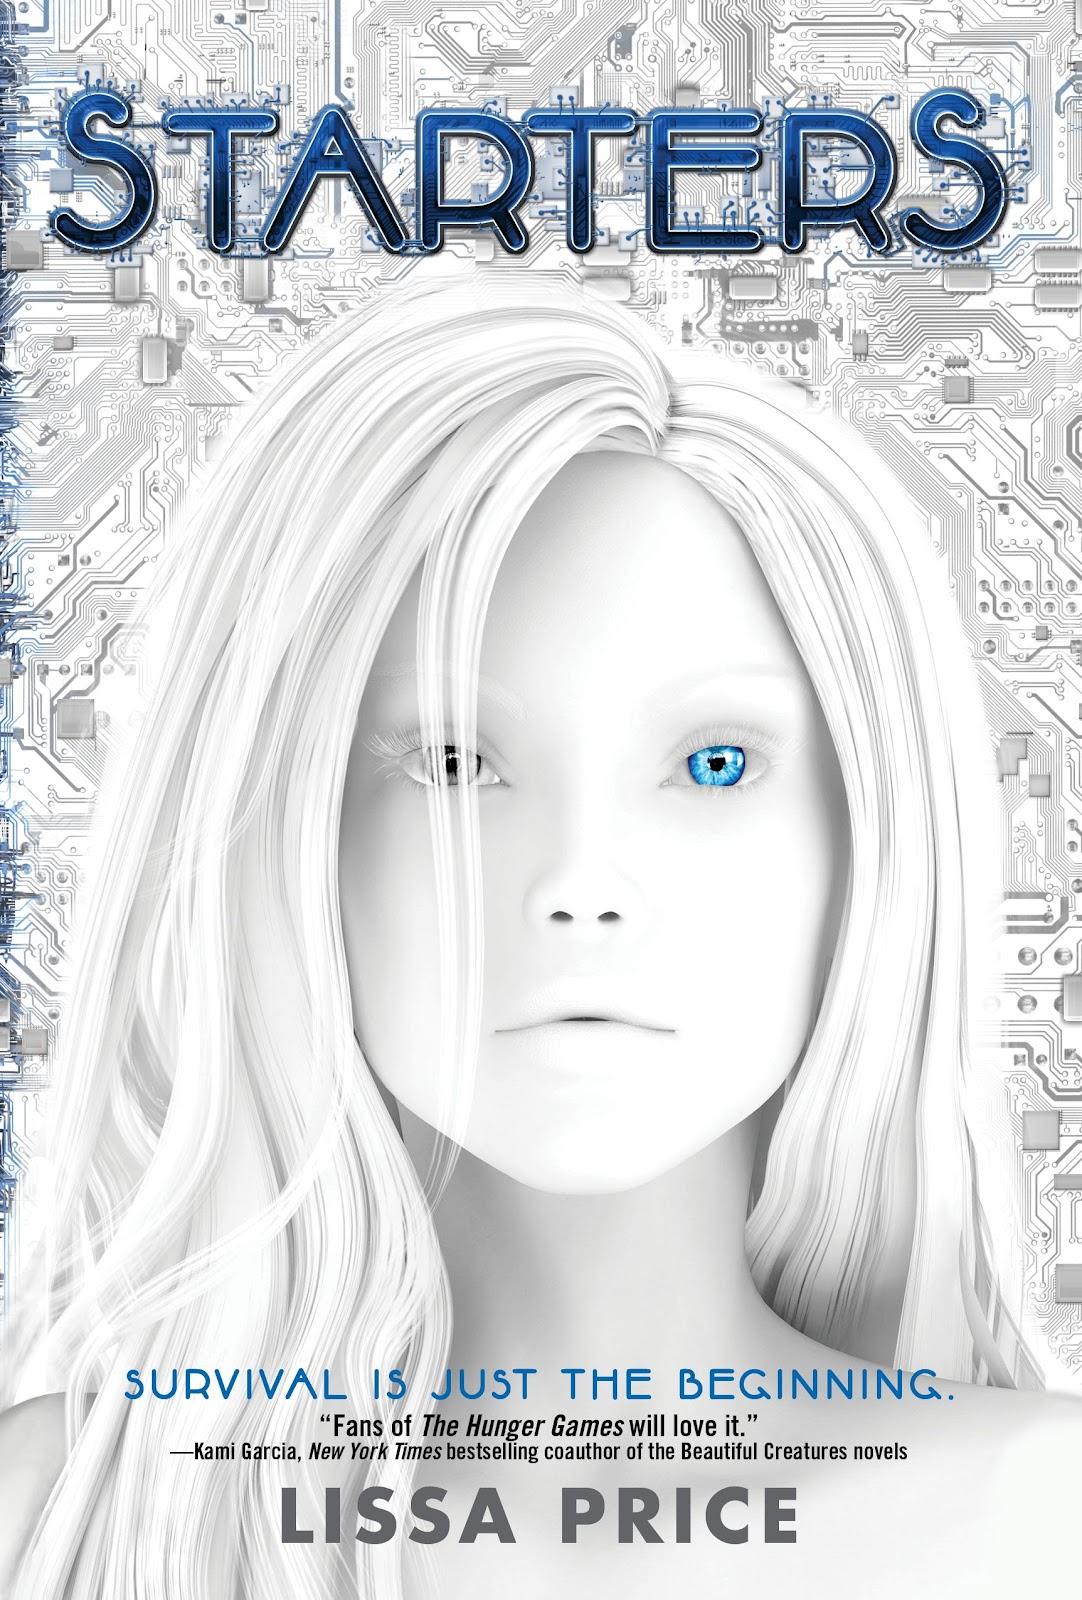 http://1.bp.blogspot.com/-N4DhcqP5wWE/T3KPygX2neI/AAAAAAAAHxY/gRBavFgSJ2U/s1600/Starters.jpg